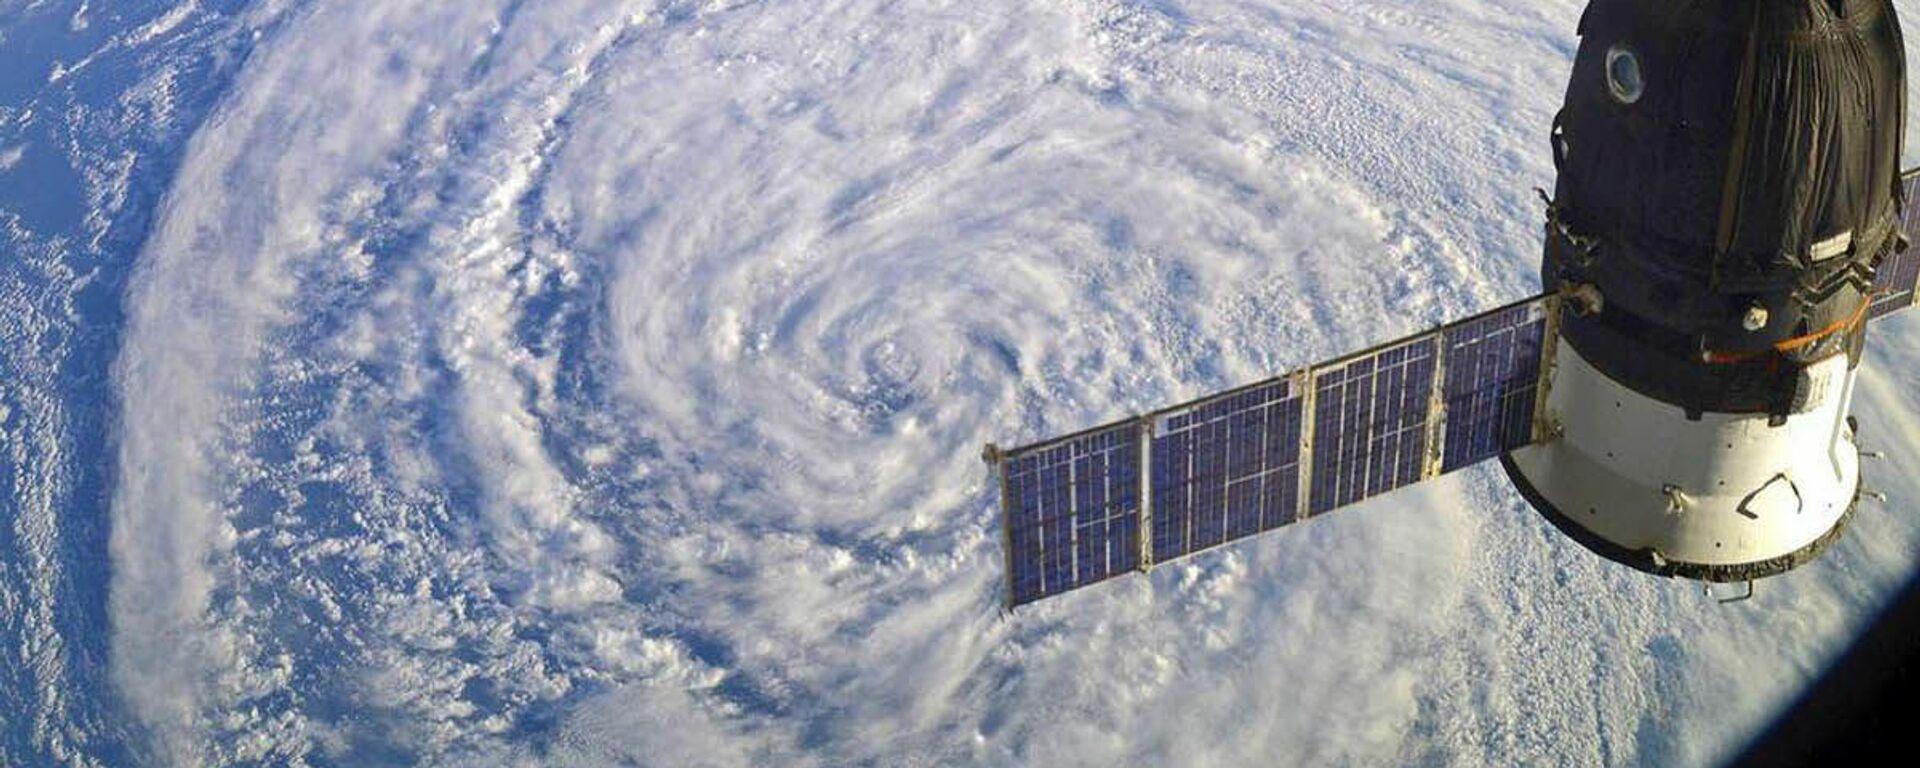 La Stazione Spaziale Internazionale (ISS) sopra un ciclone - Sputnik Italia, 1920, 27.08.2021